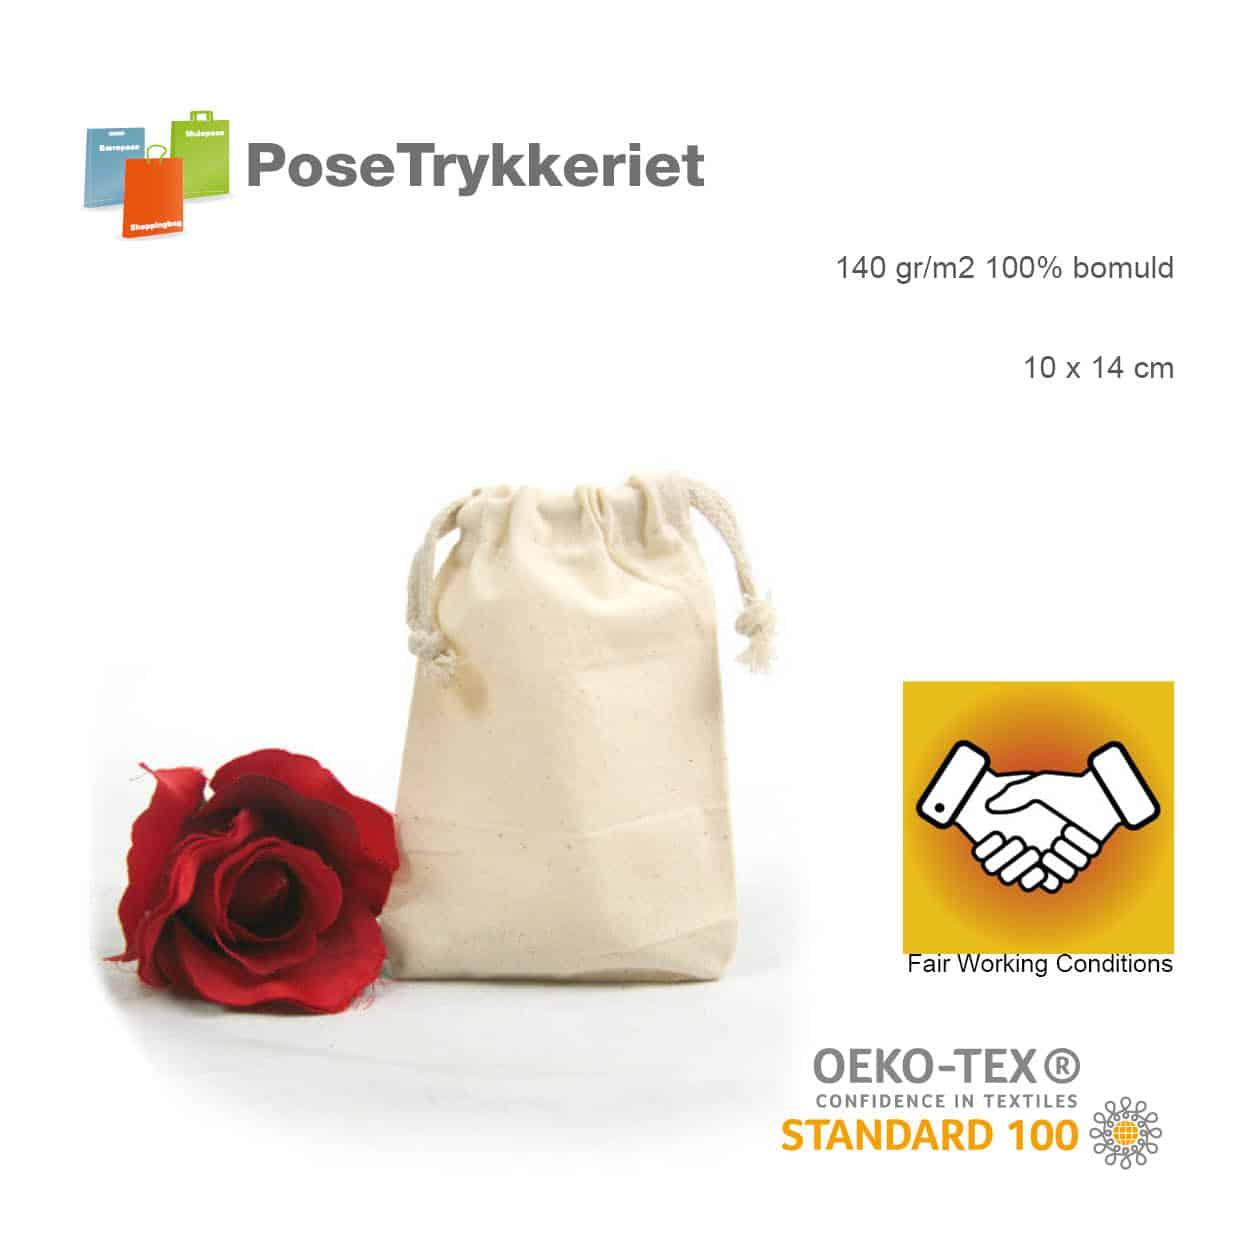 Oeko-tex snøreposer med logo. Posetrykkeriet.dk